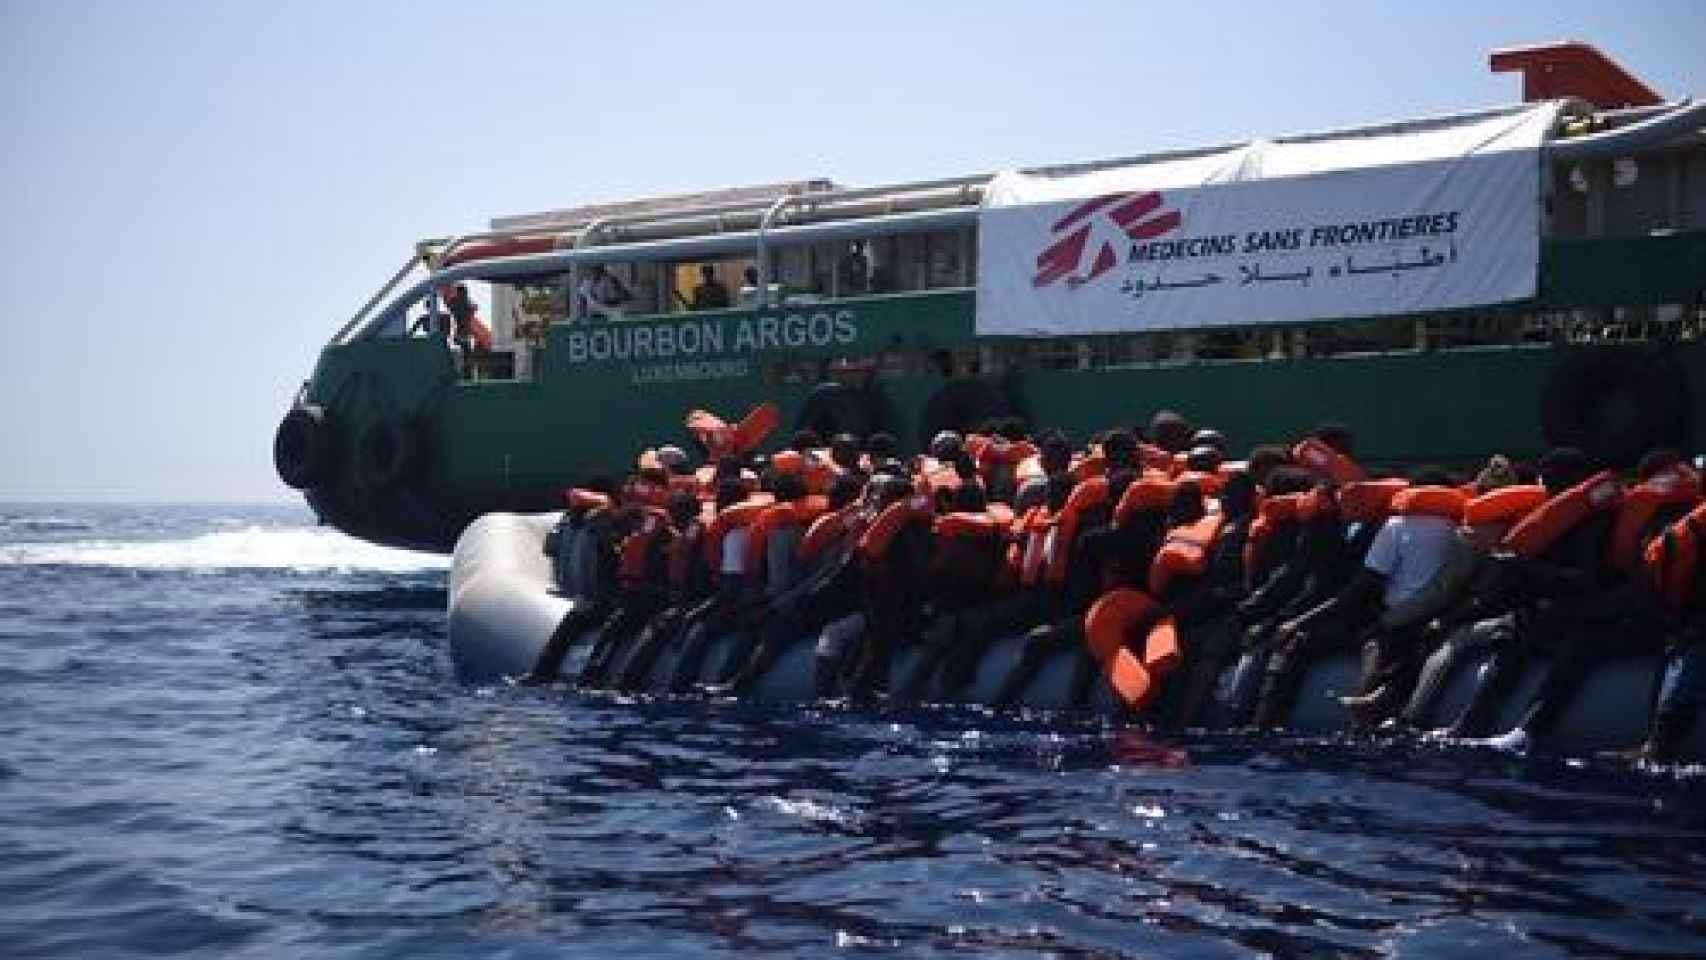 El Bourbon Argos durante una operación de rescate en el mar.